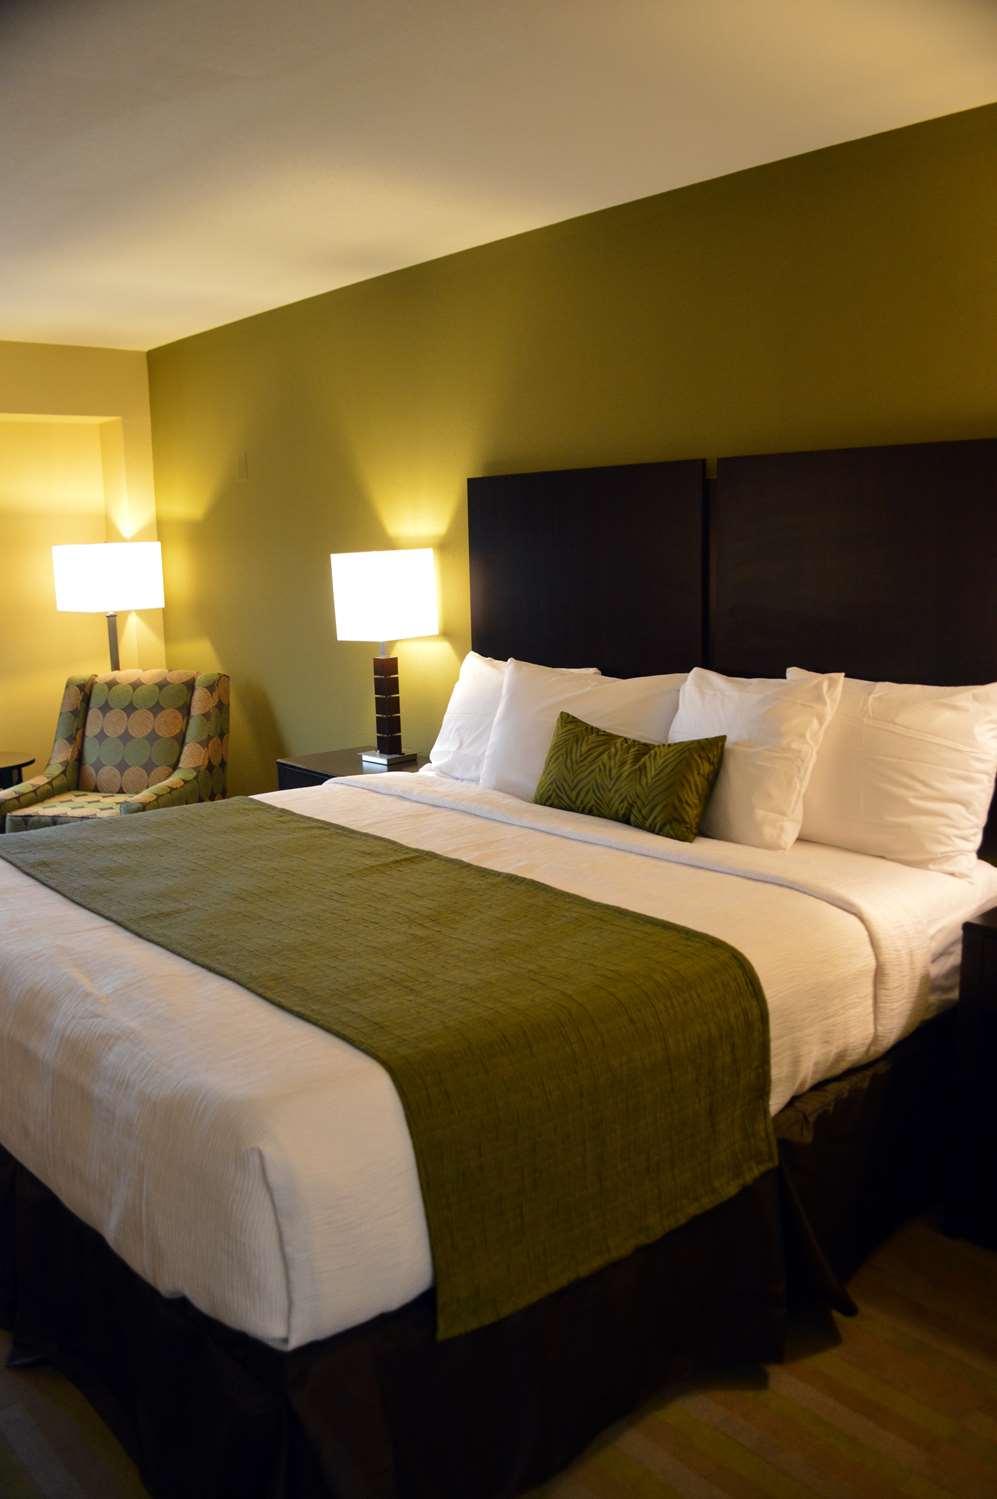 Best Western Hotel Room: Best Western Plus Thornburg Inn & Suites, VA